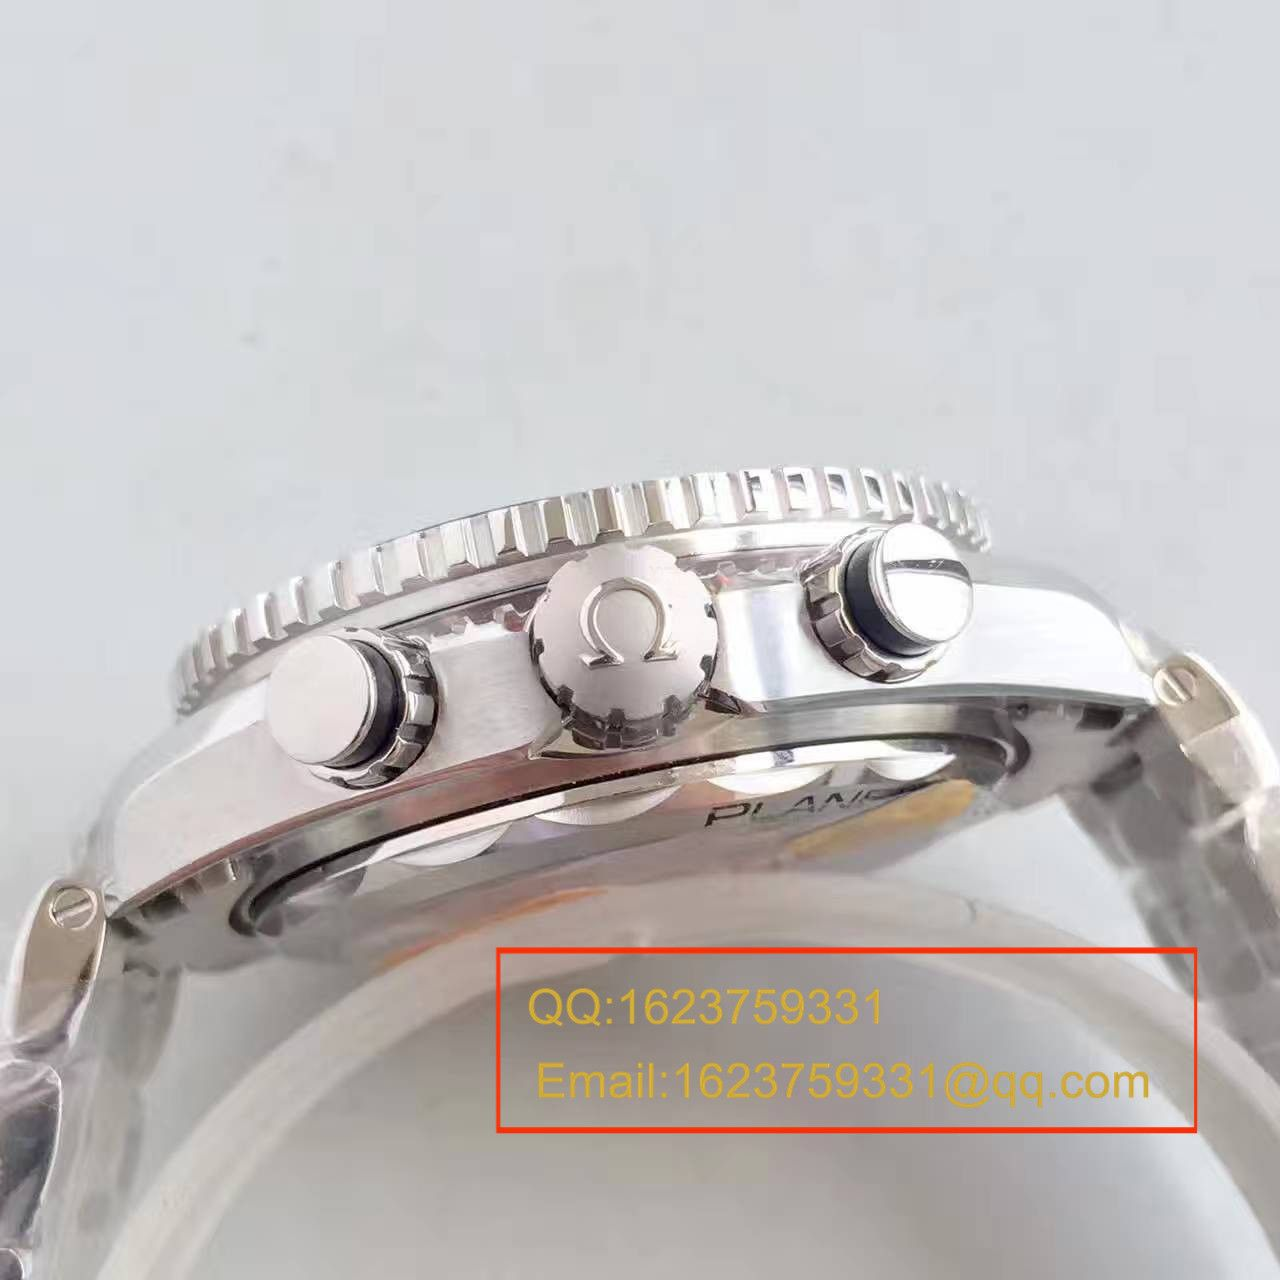 【视频评测OM厂1:1超A精仿手表】欧米茄海马系列《海洋宇宙600米》215.33.46.51.01.001腕表 / M202